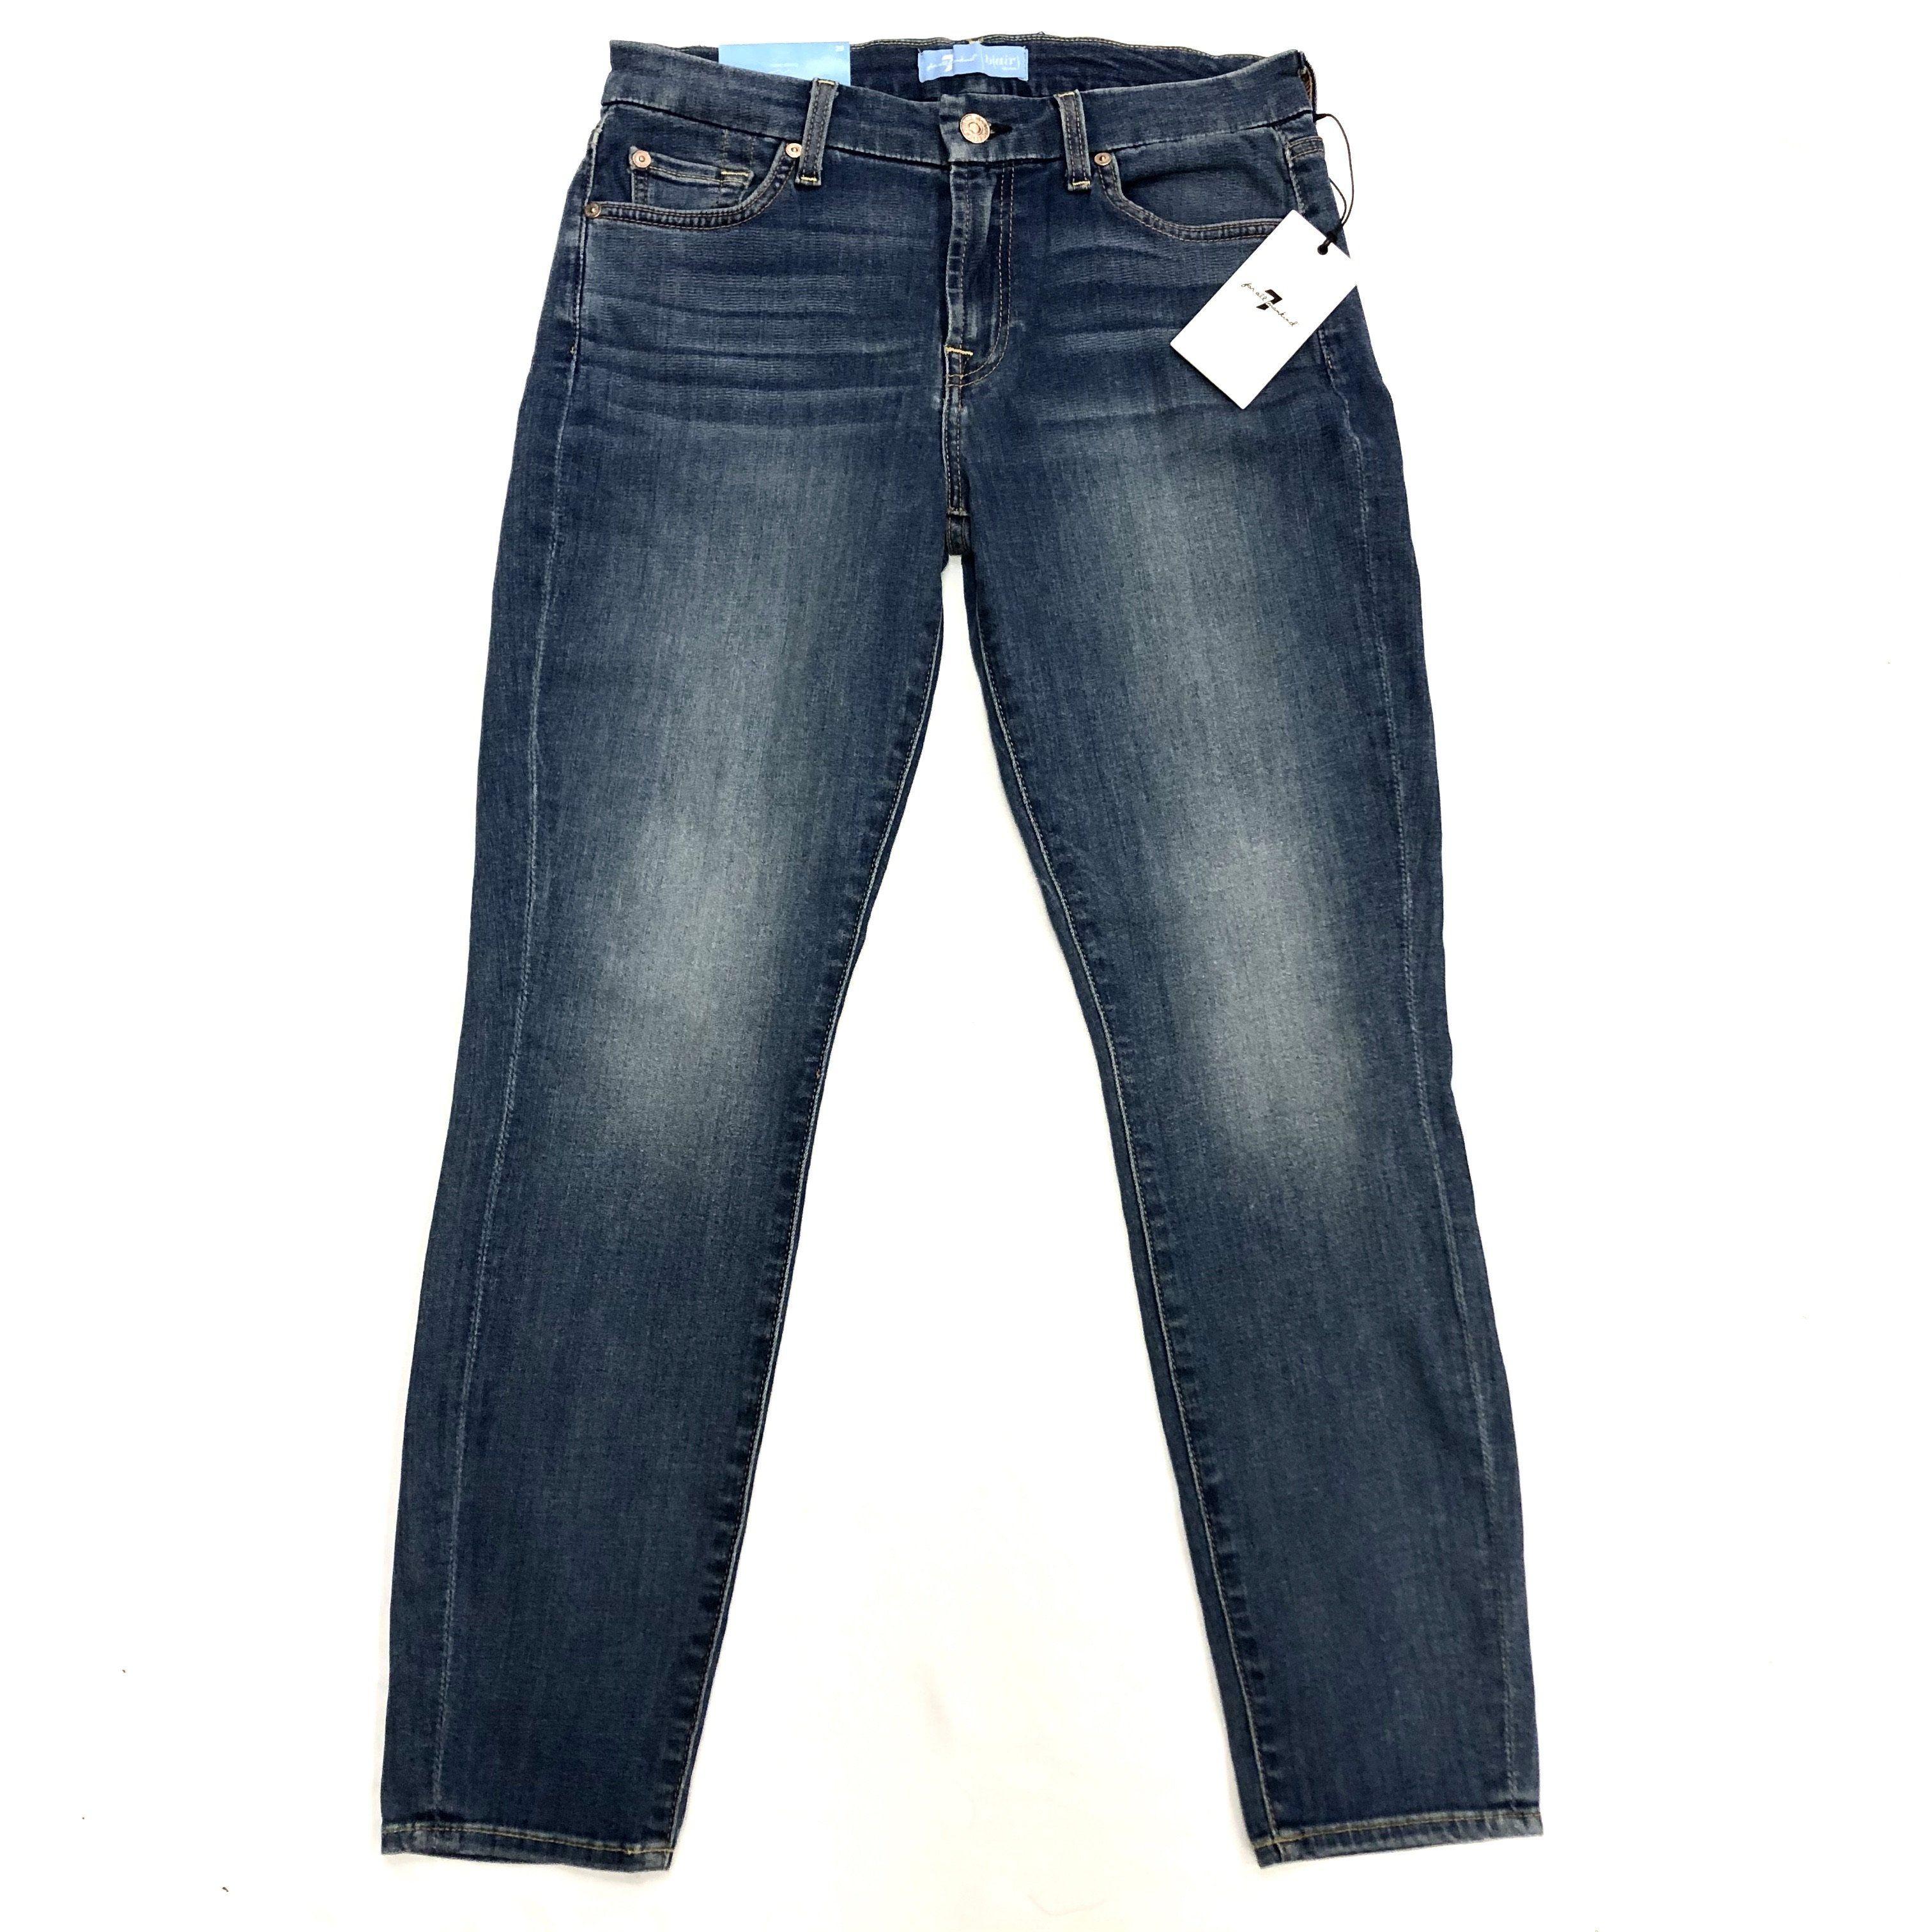 7 Jeans Skinny Size 29 NWT